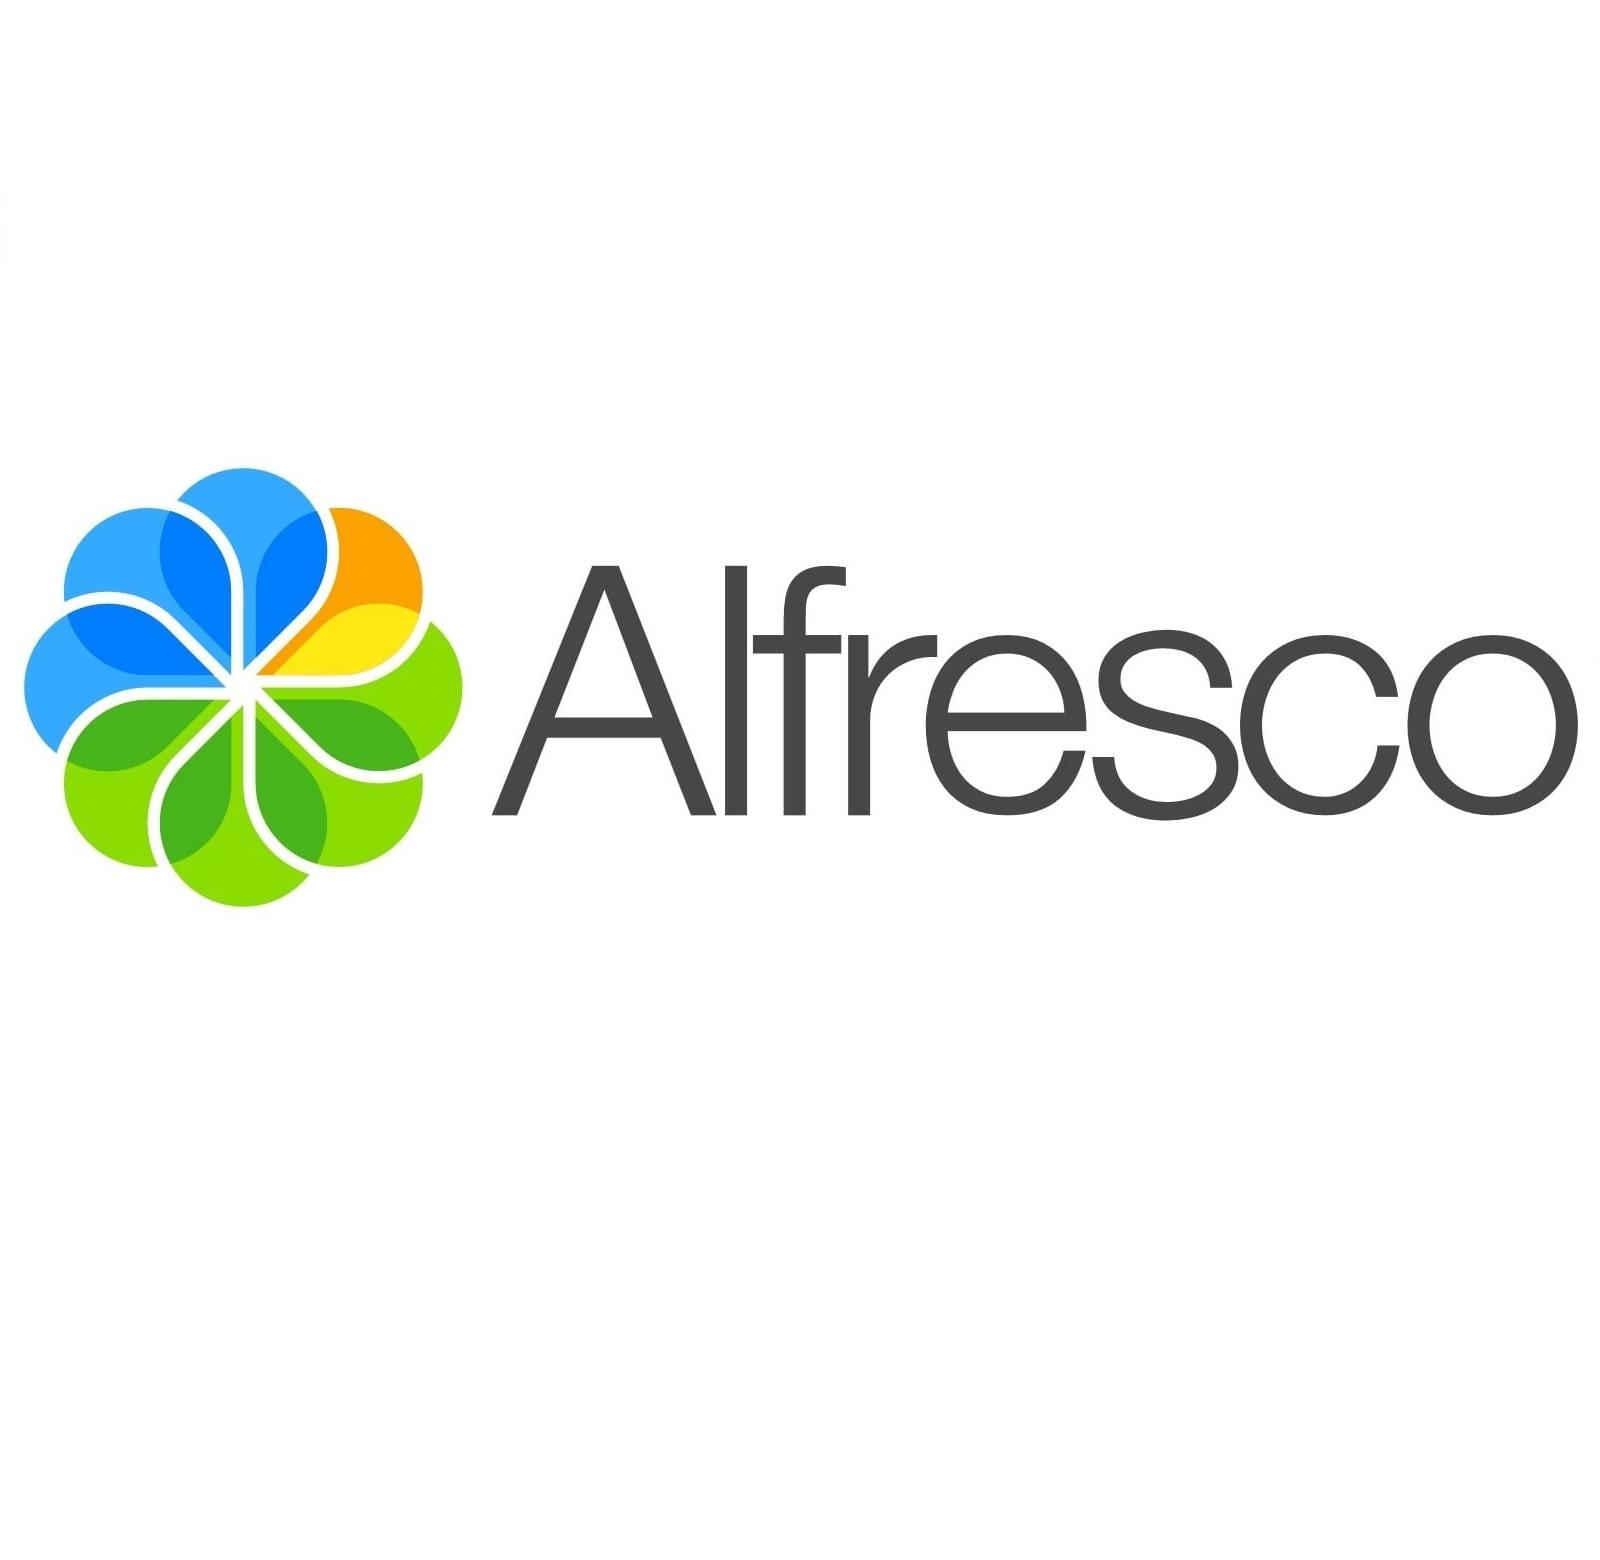 4alfresco_logo